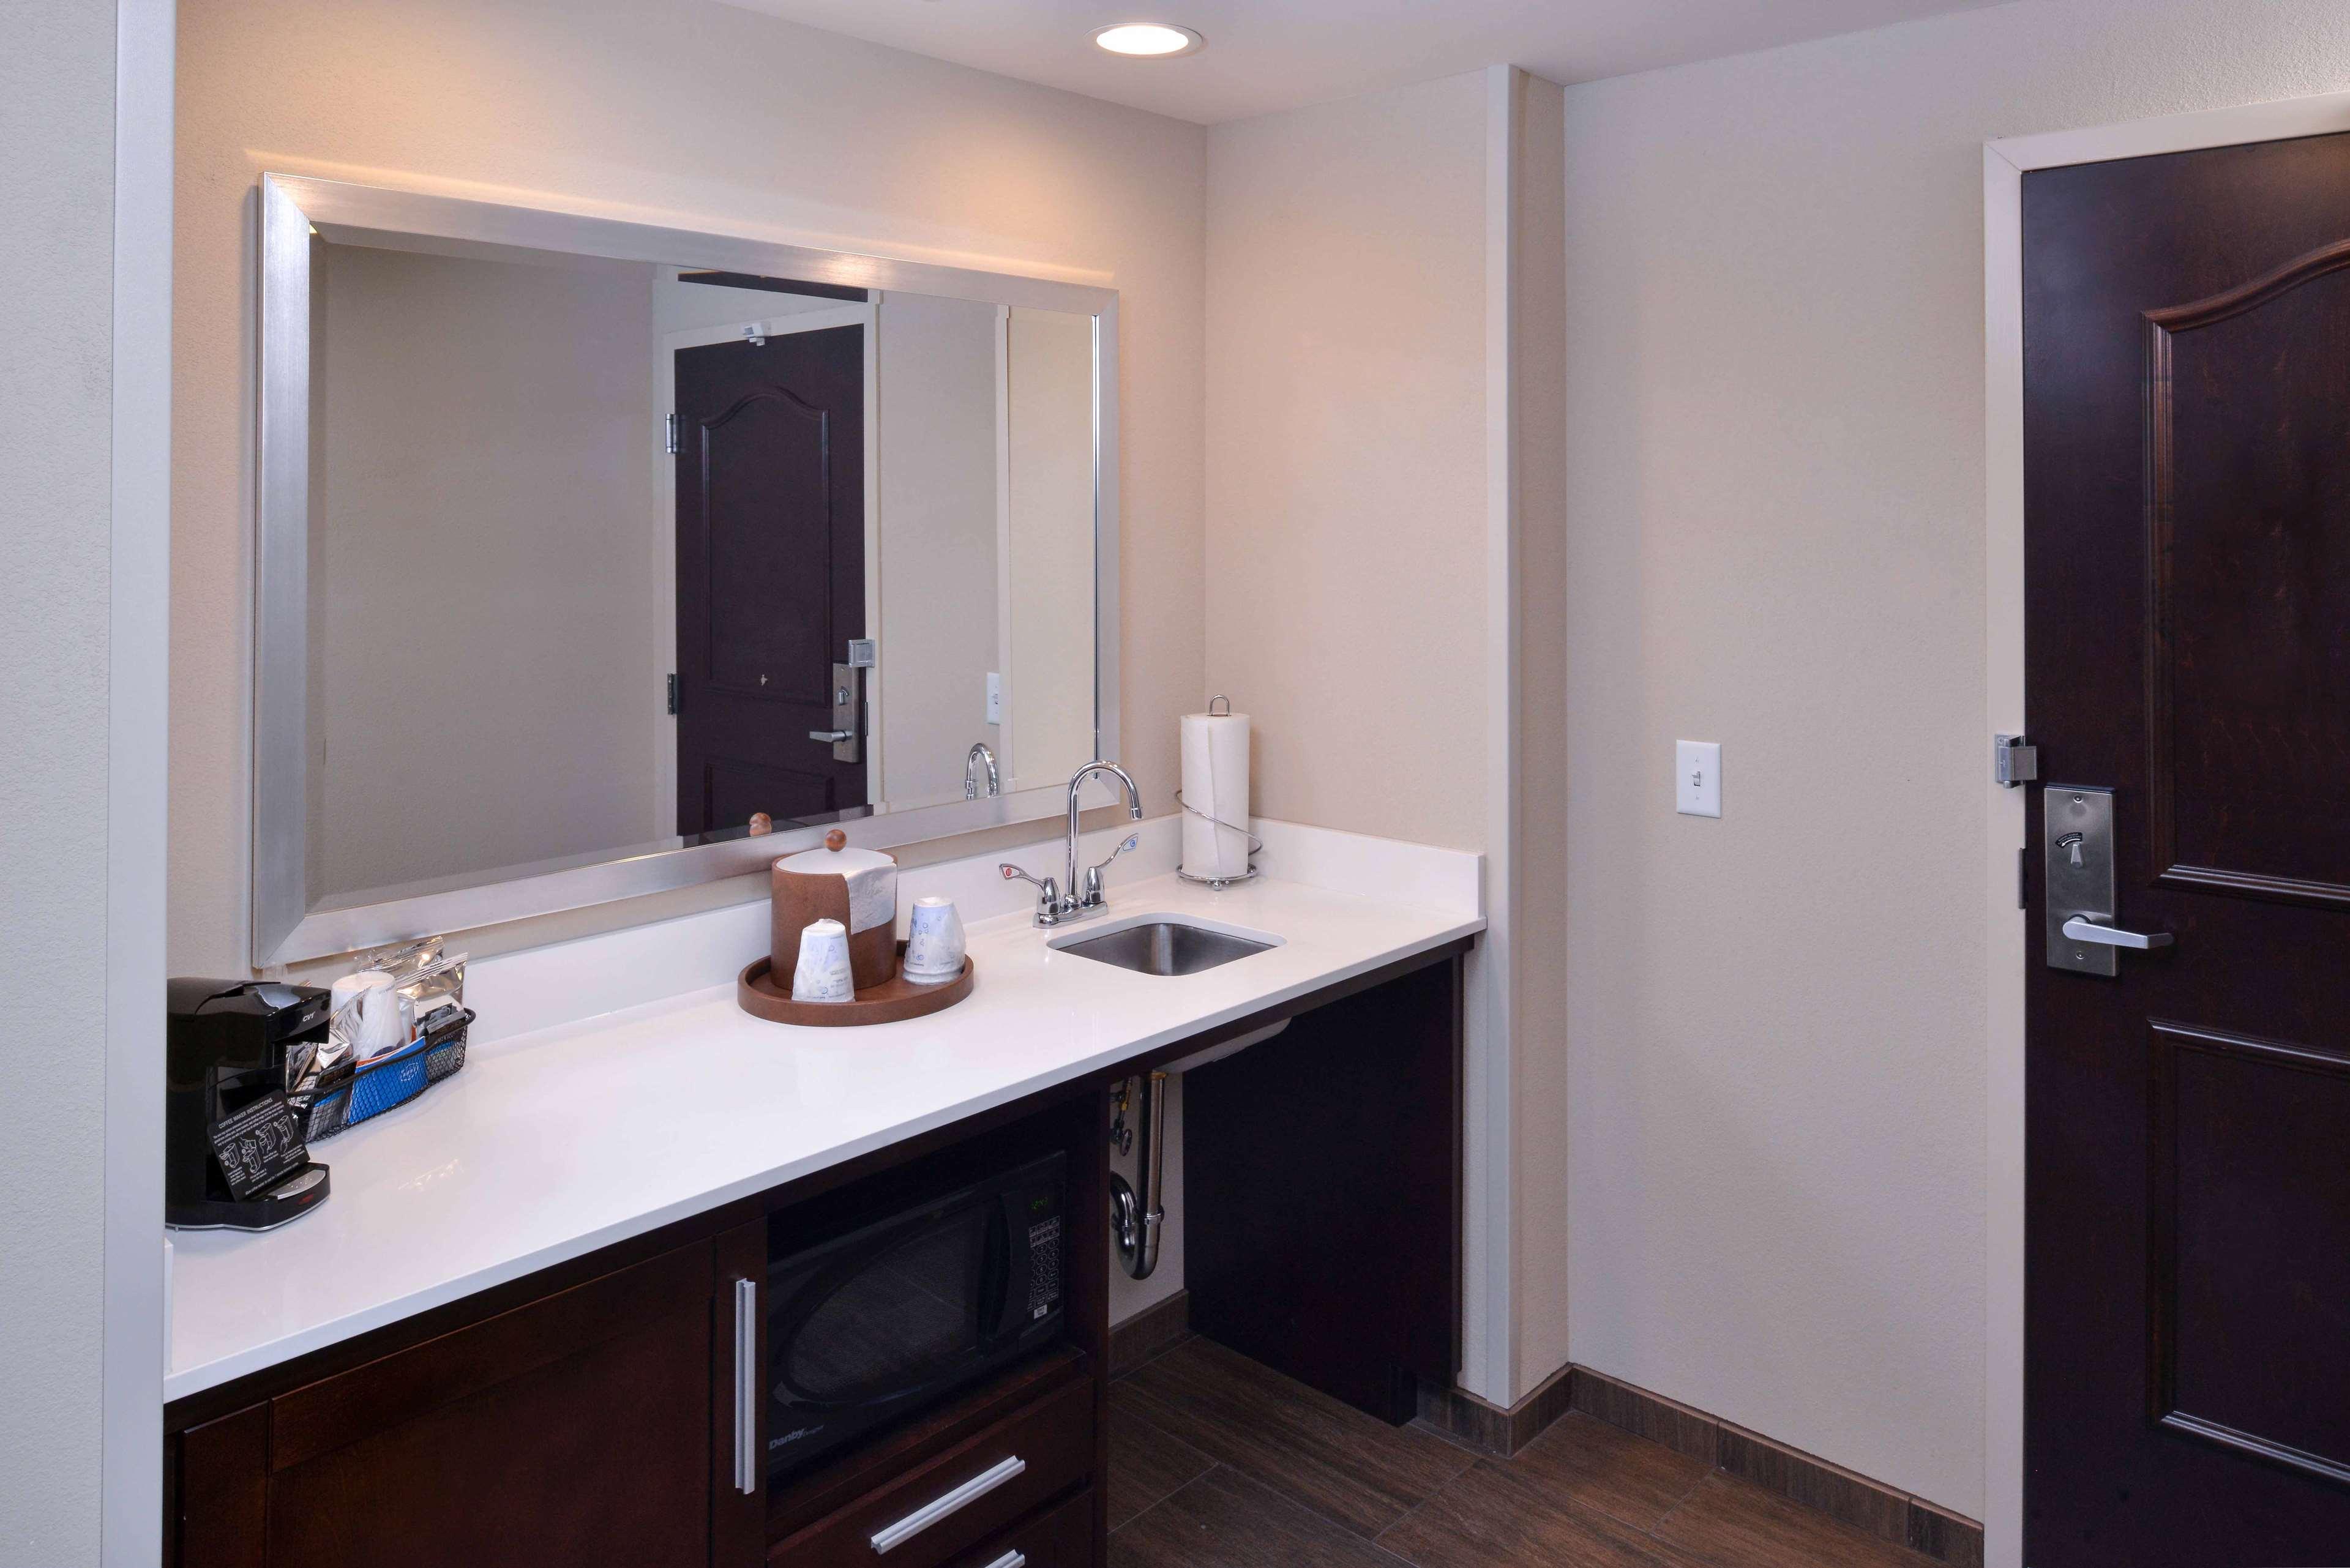 Hampton Inn & Suites Mount Joy/Lancaster West image 32